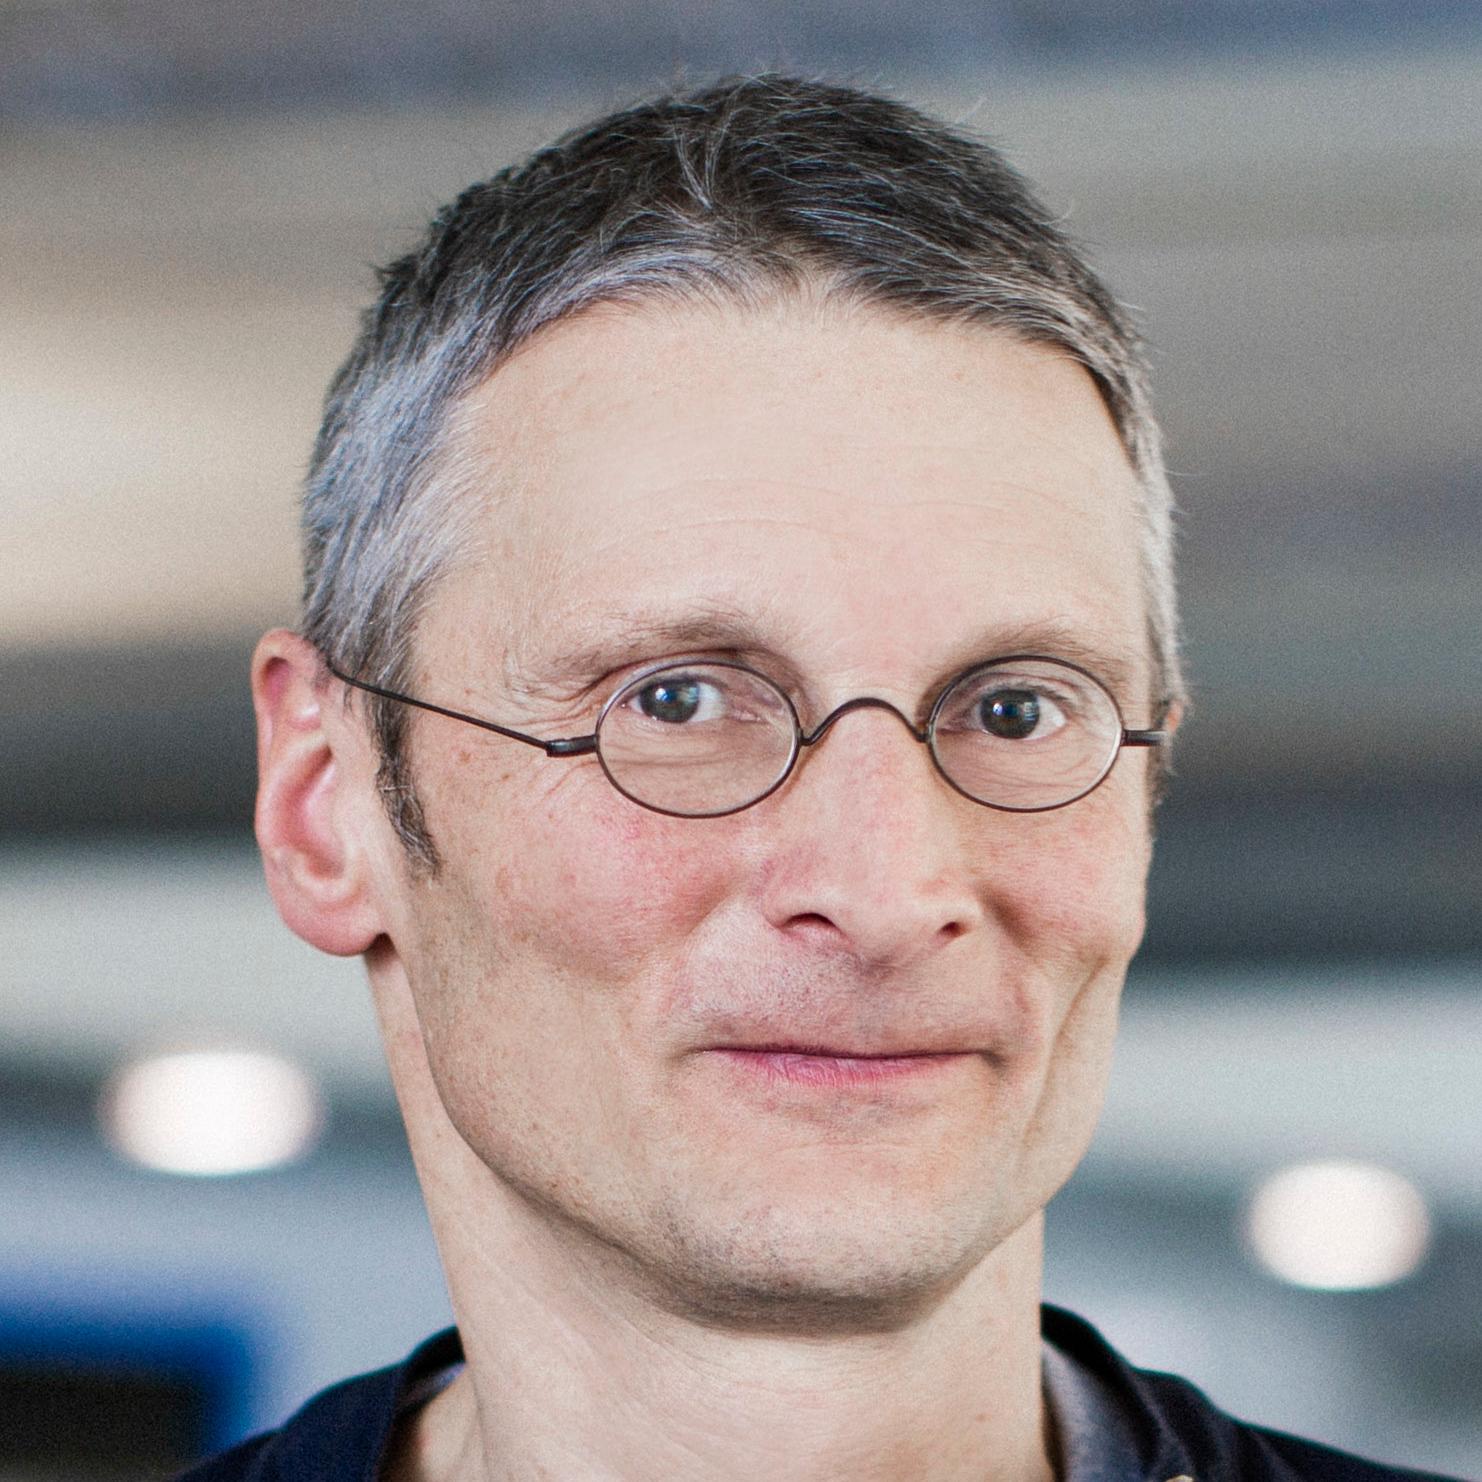 Christian Sachsinger